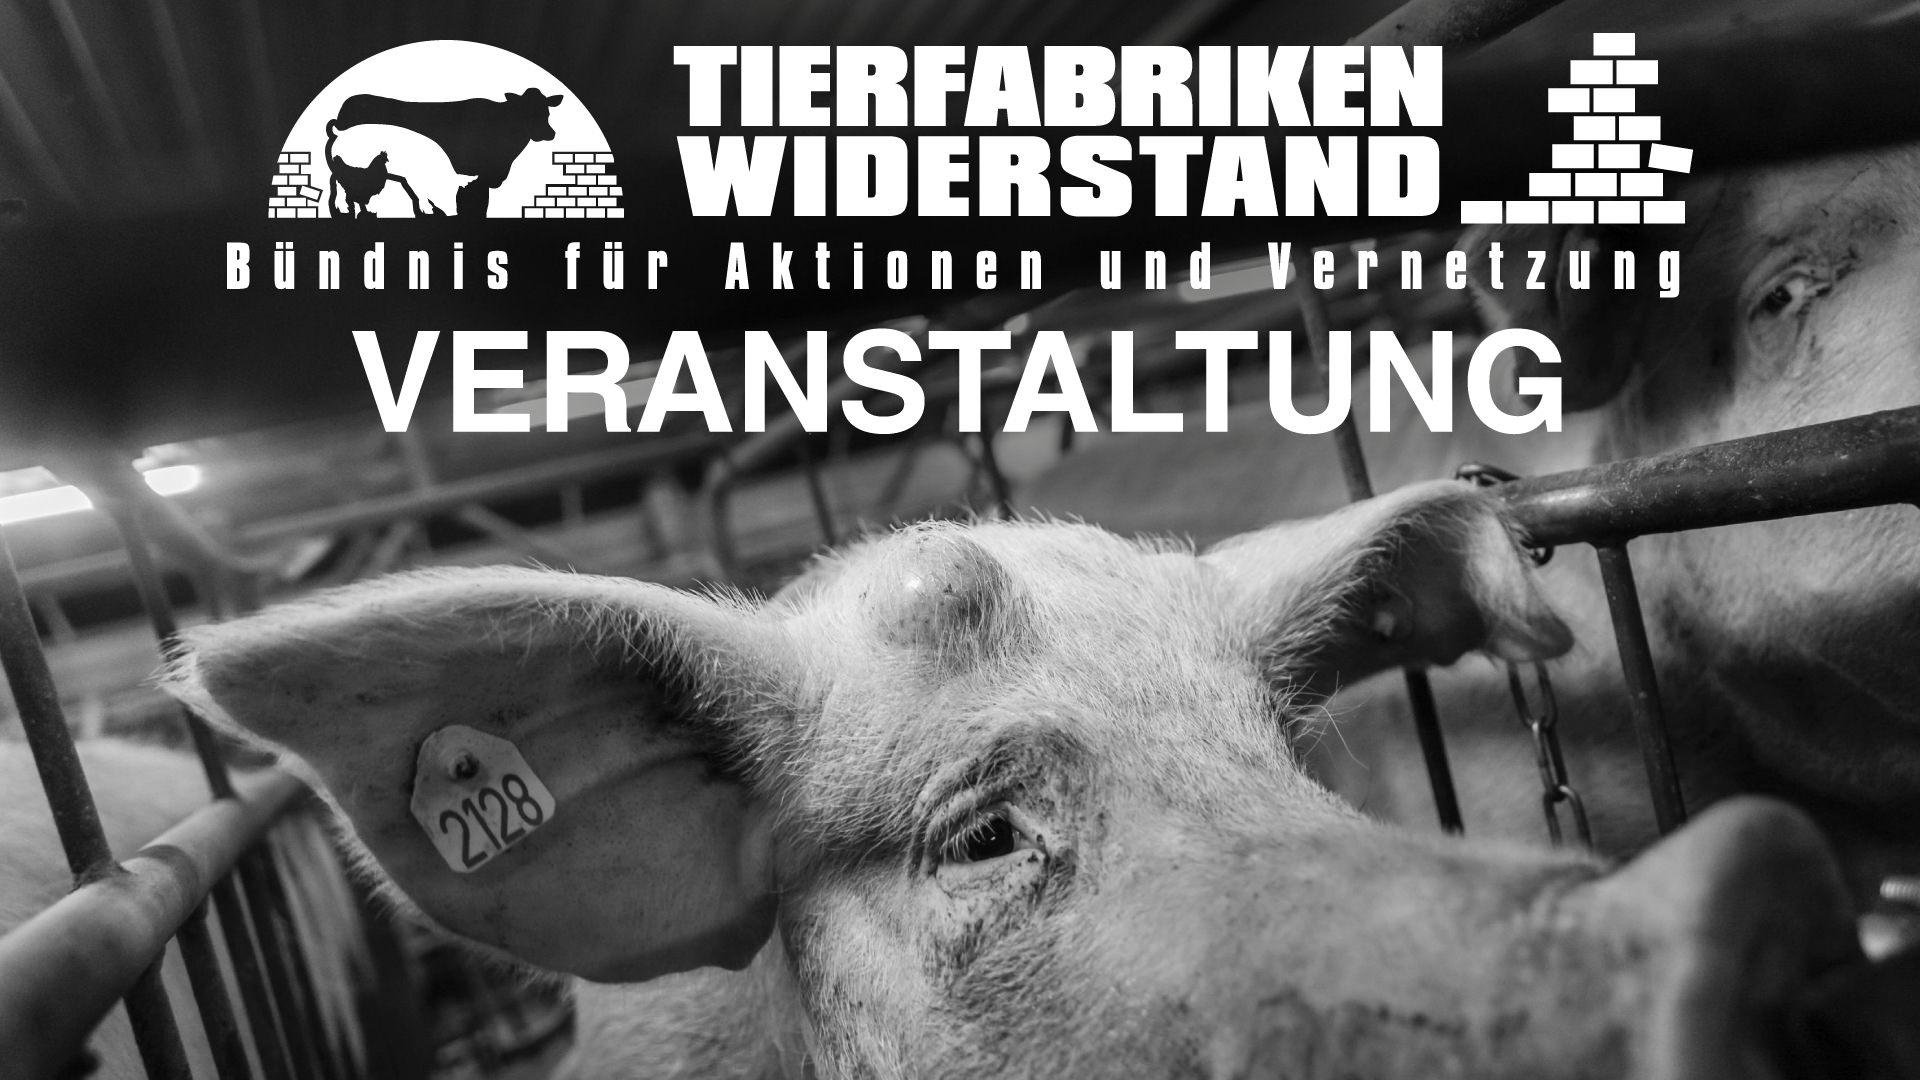 Noch größer, noch mehr?: Diskussions- und Informationsveranstaltung am 25.03. in Forst (Lausitz)